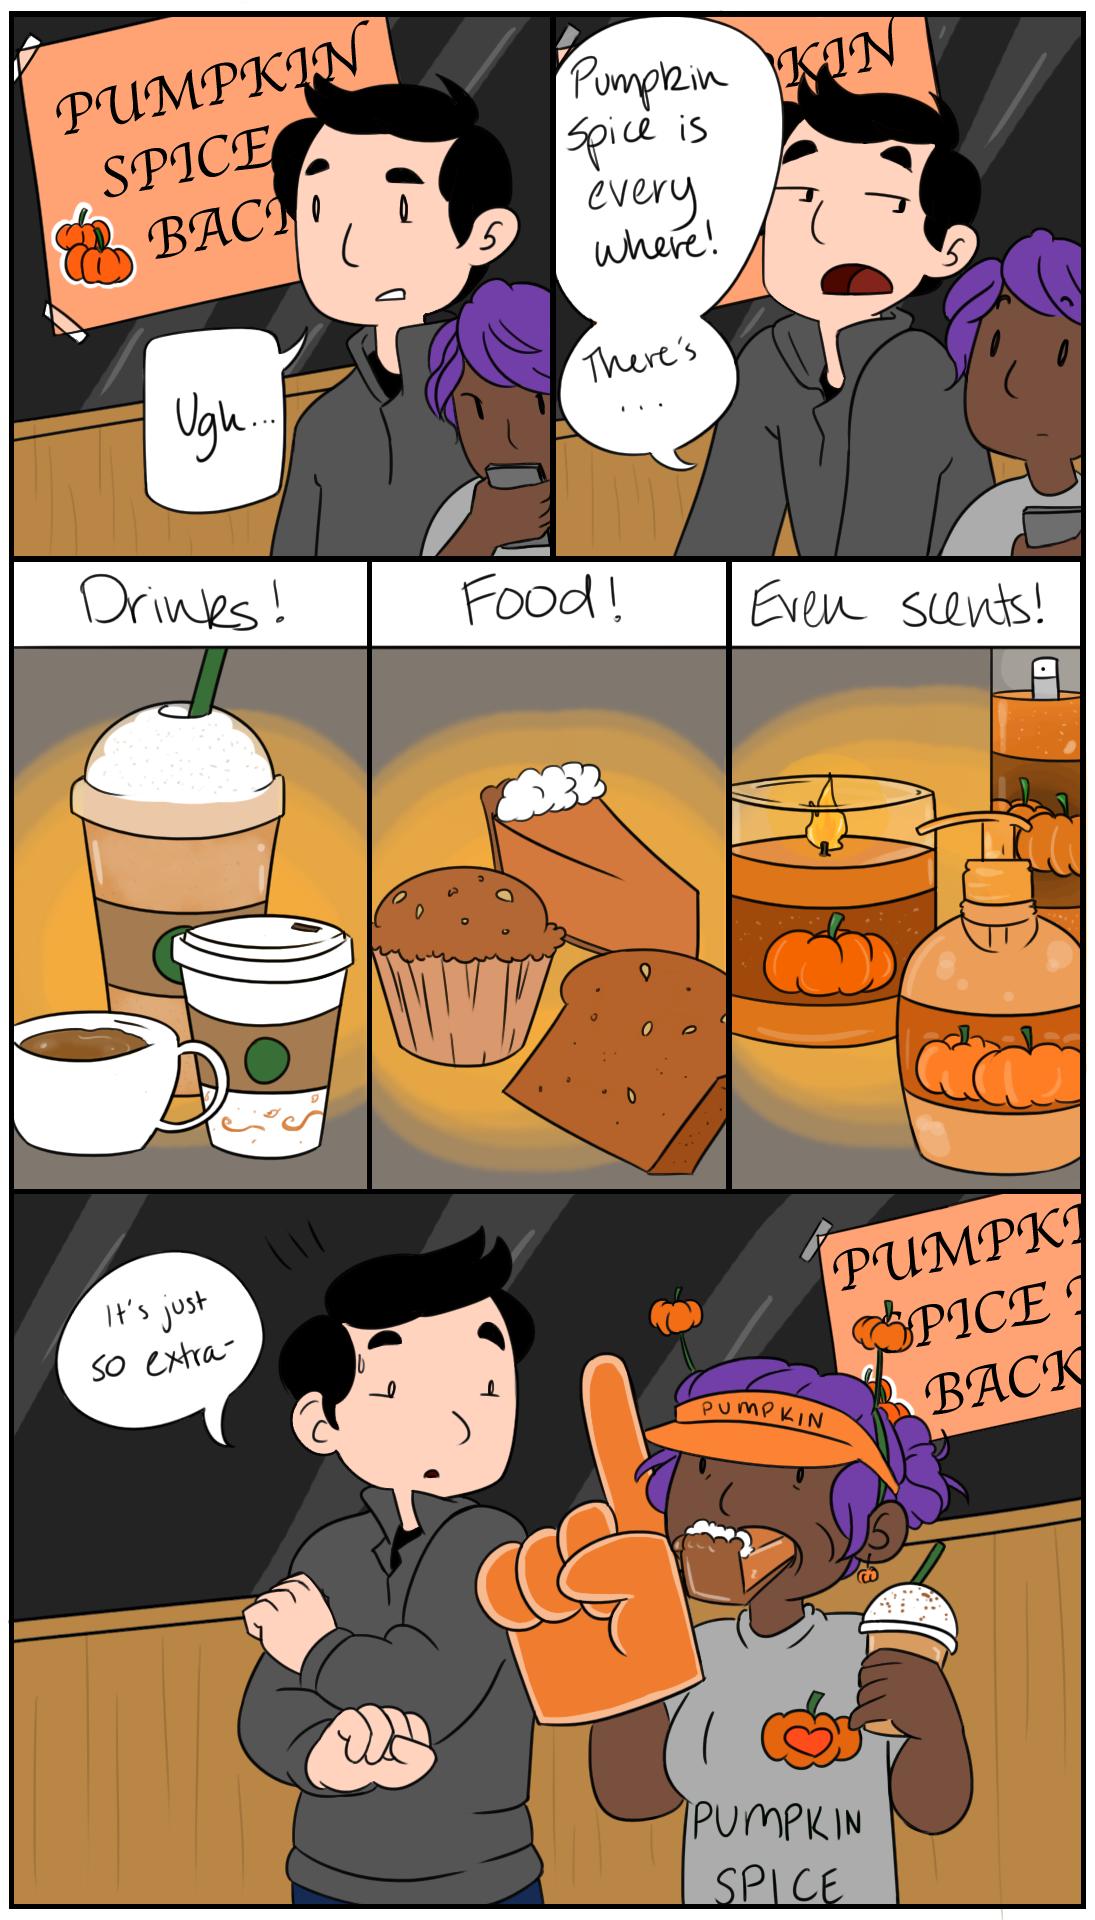 Pumpkin spice overload